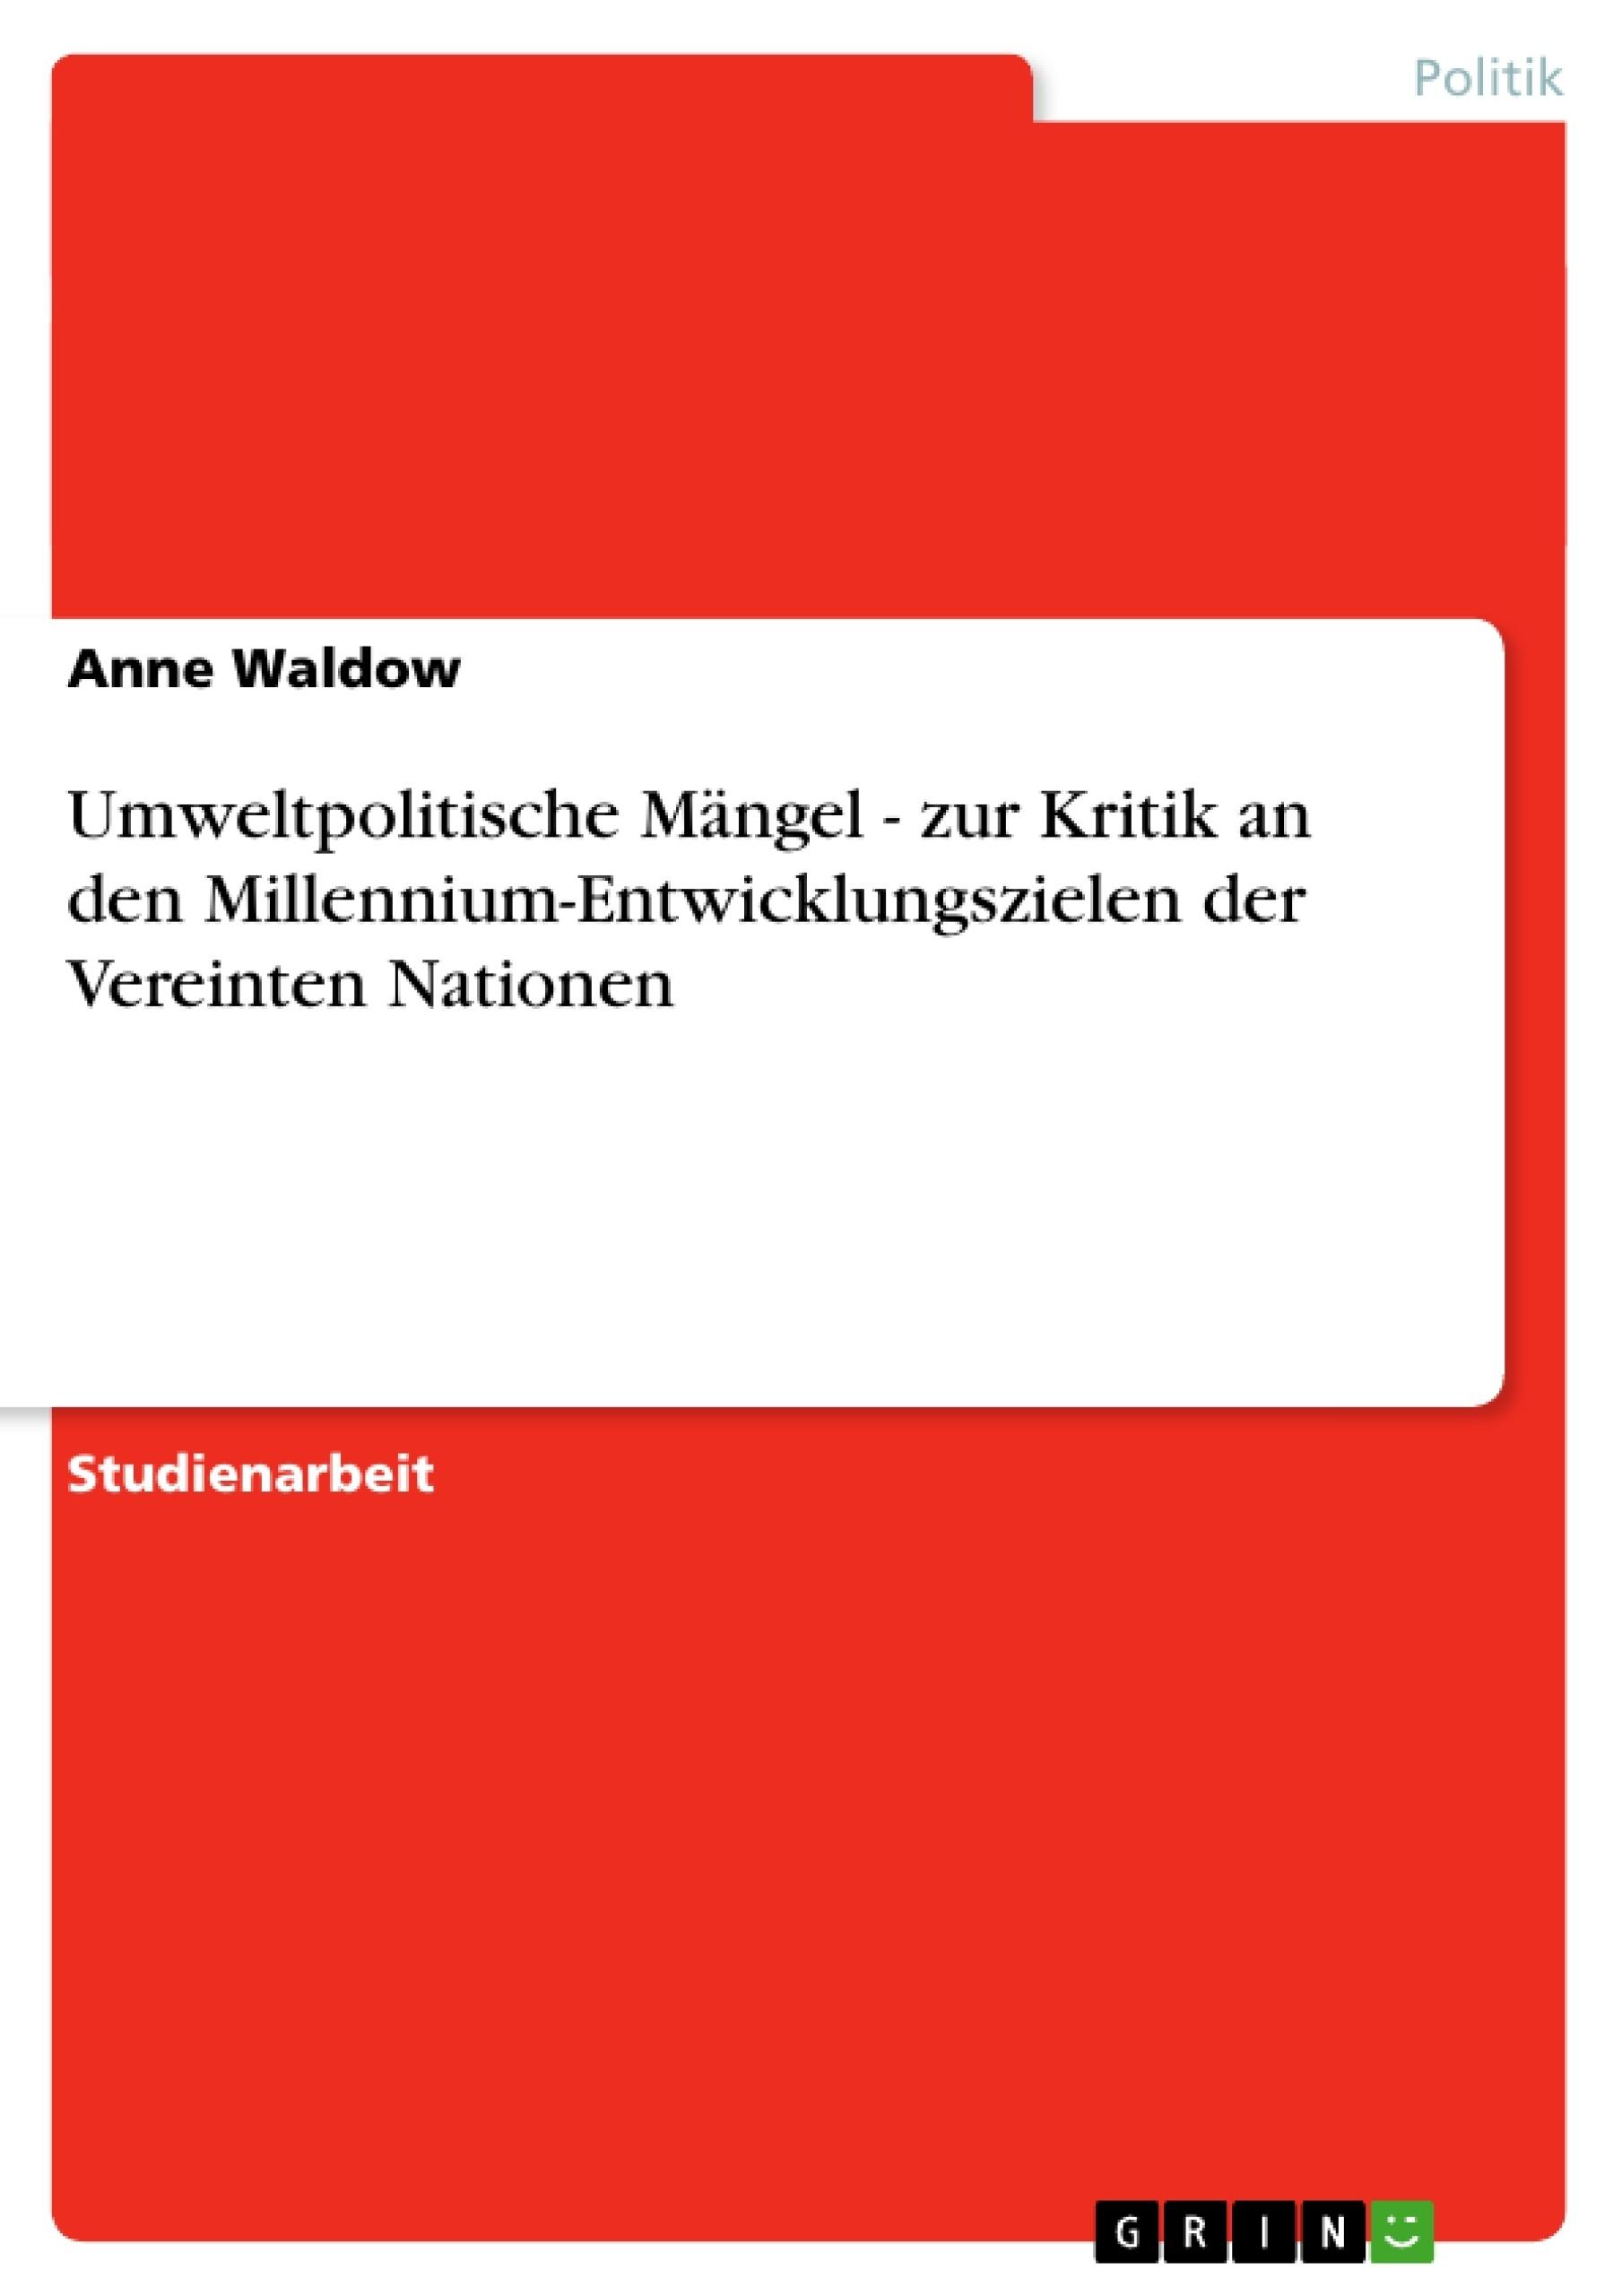 Titel: Umweltpolitische Mängel - zur Kritik an den Millennium-Entwicklungszielen der Vereinten Nationen